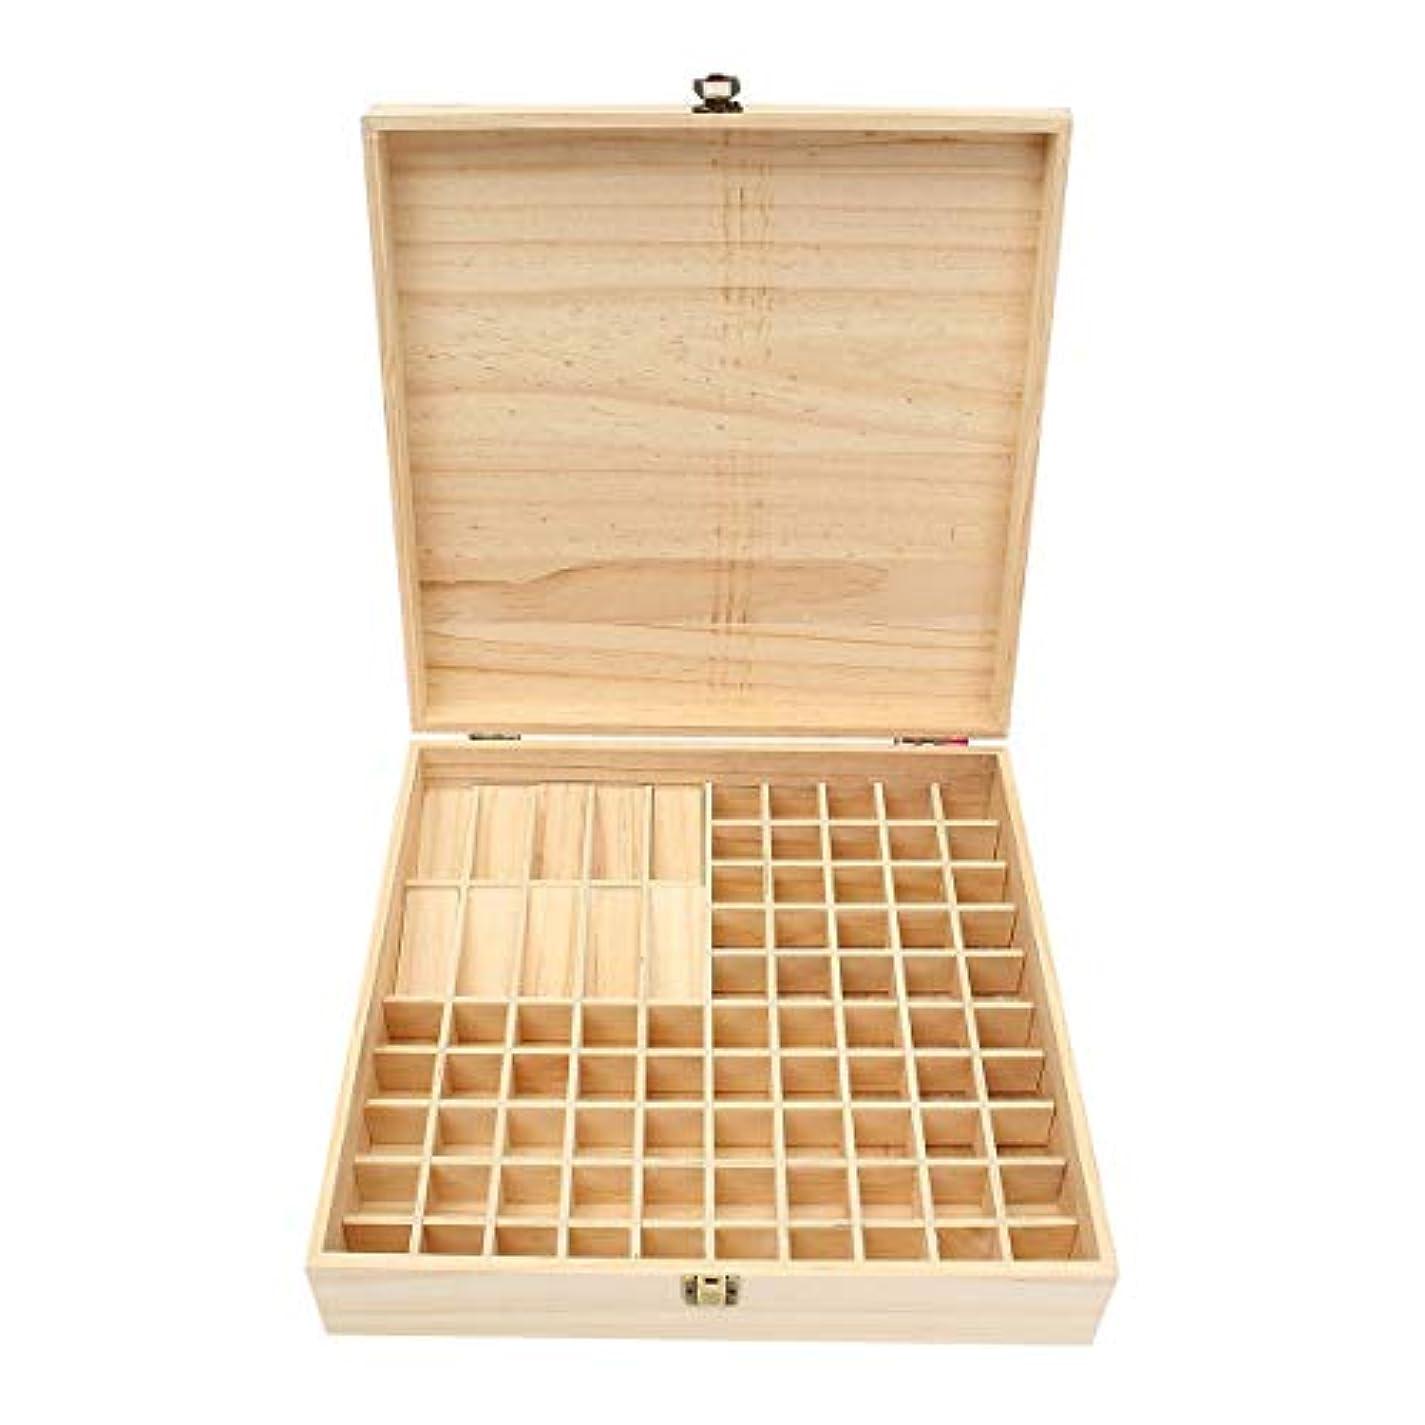 拒絶遠近法一般TINKSKY エッセンシャルオイルケース アロマケース 木製 アロマオイルスタンド 精油ボックス 精油収納 仕切りボックス 85本収納